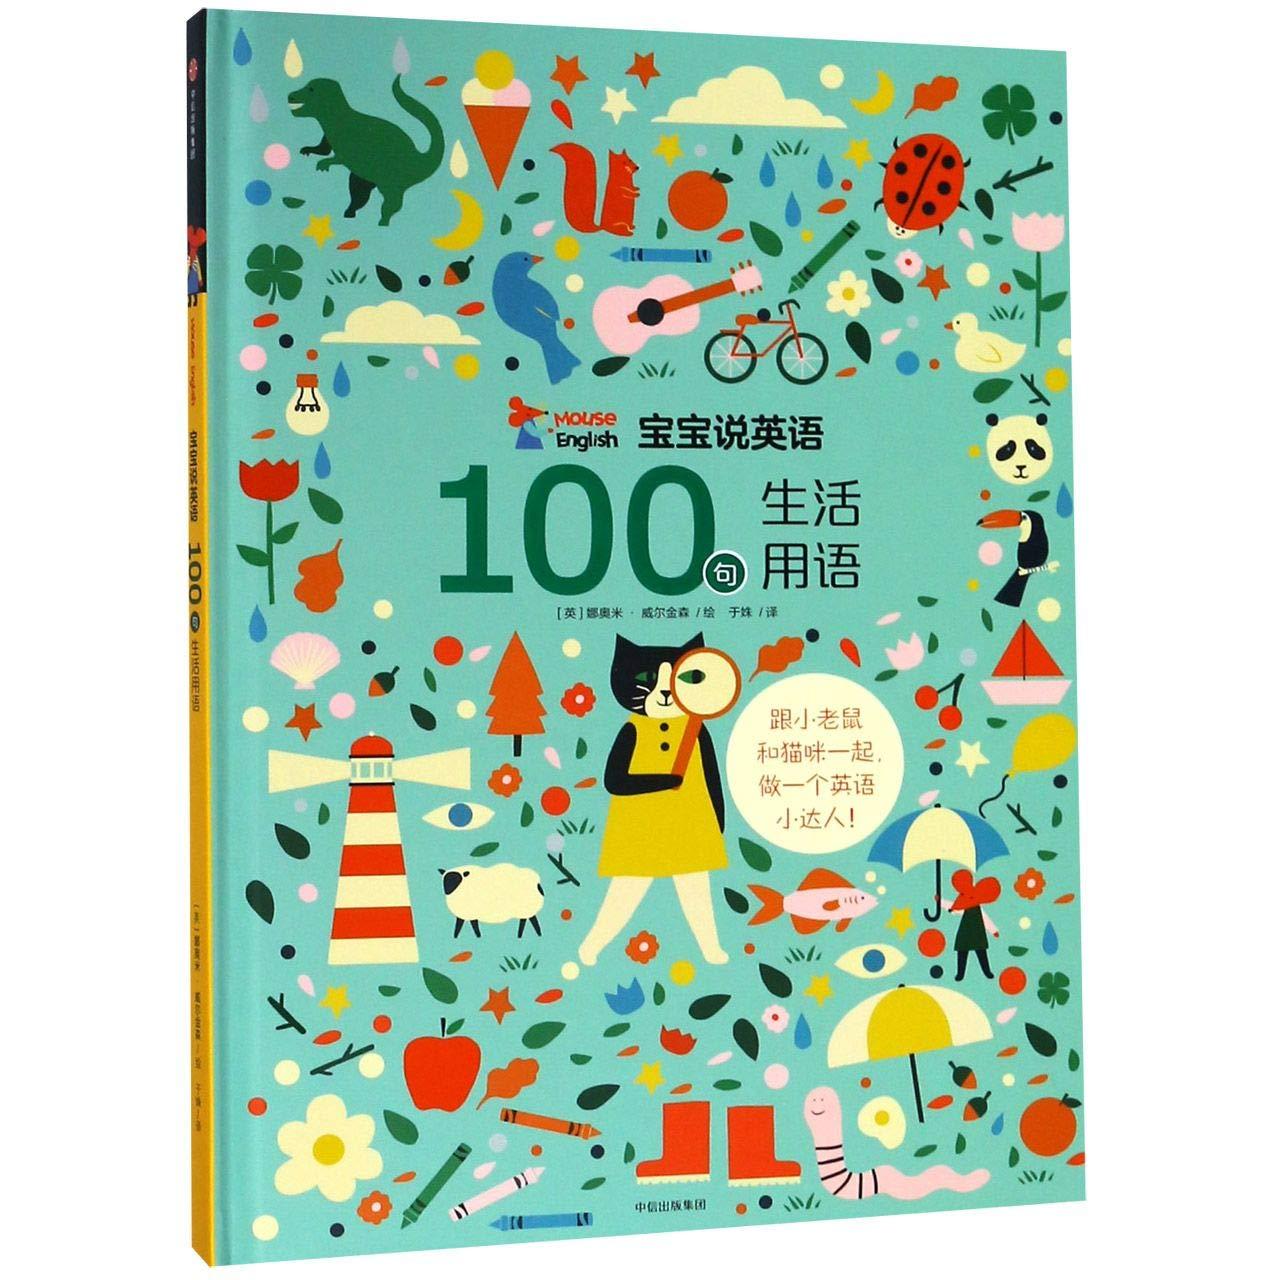 100 ju sheng huo yong yu - bao bao shuo ying yu